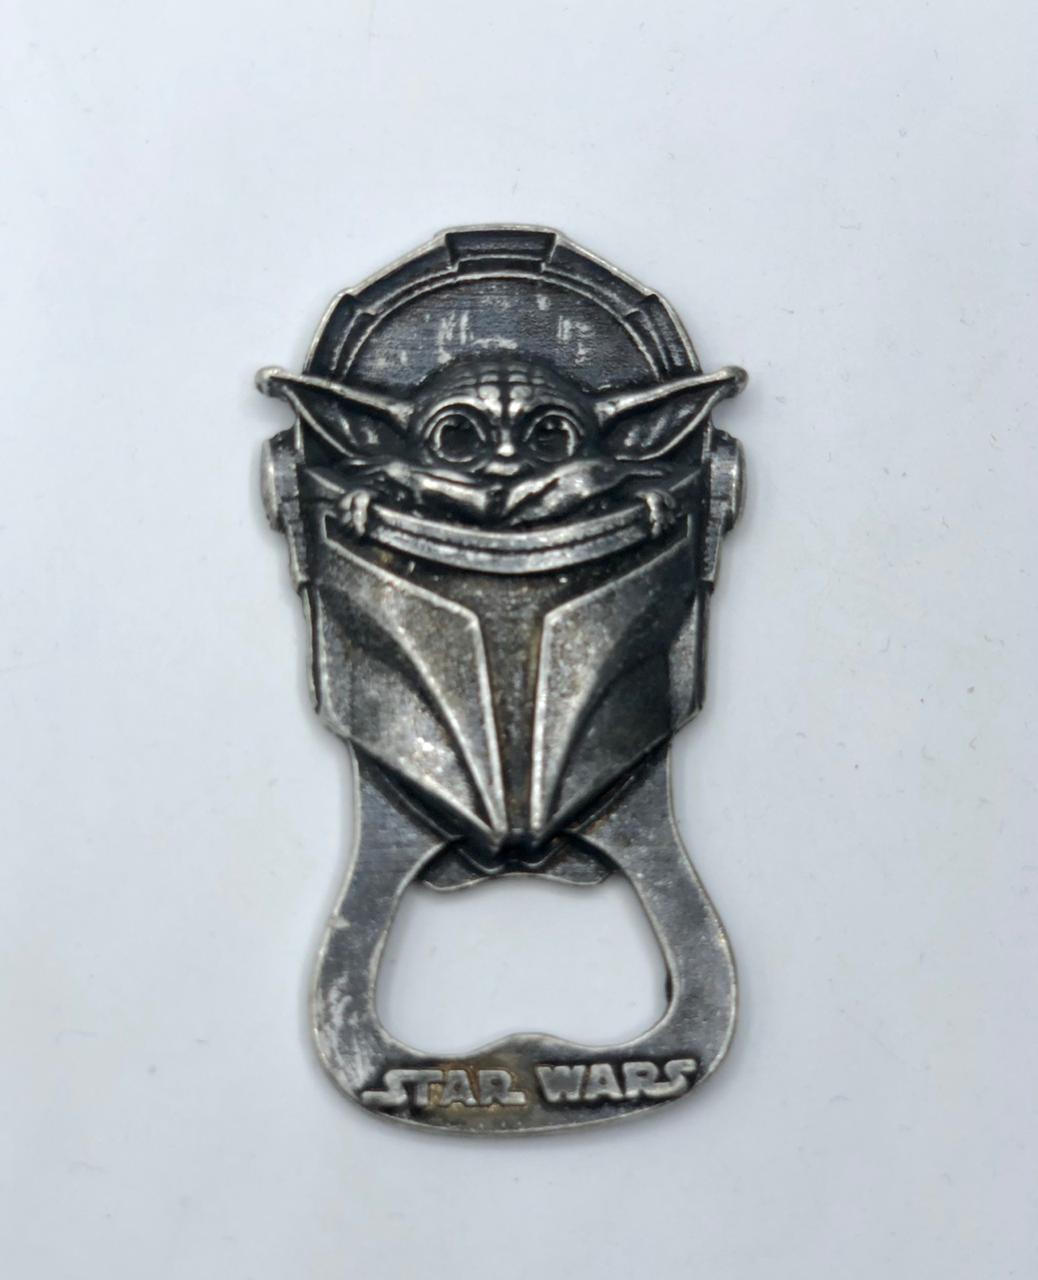 Abridor de Garrafa Com Imã Baby Yoda (The Child): Star Wars The Mandalorian (Chumbo)